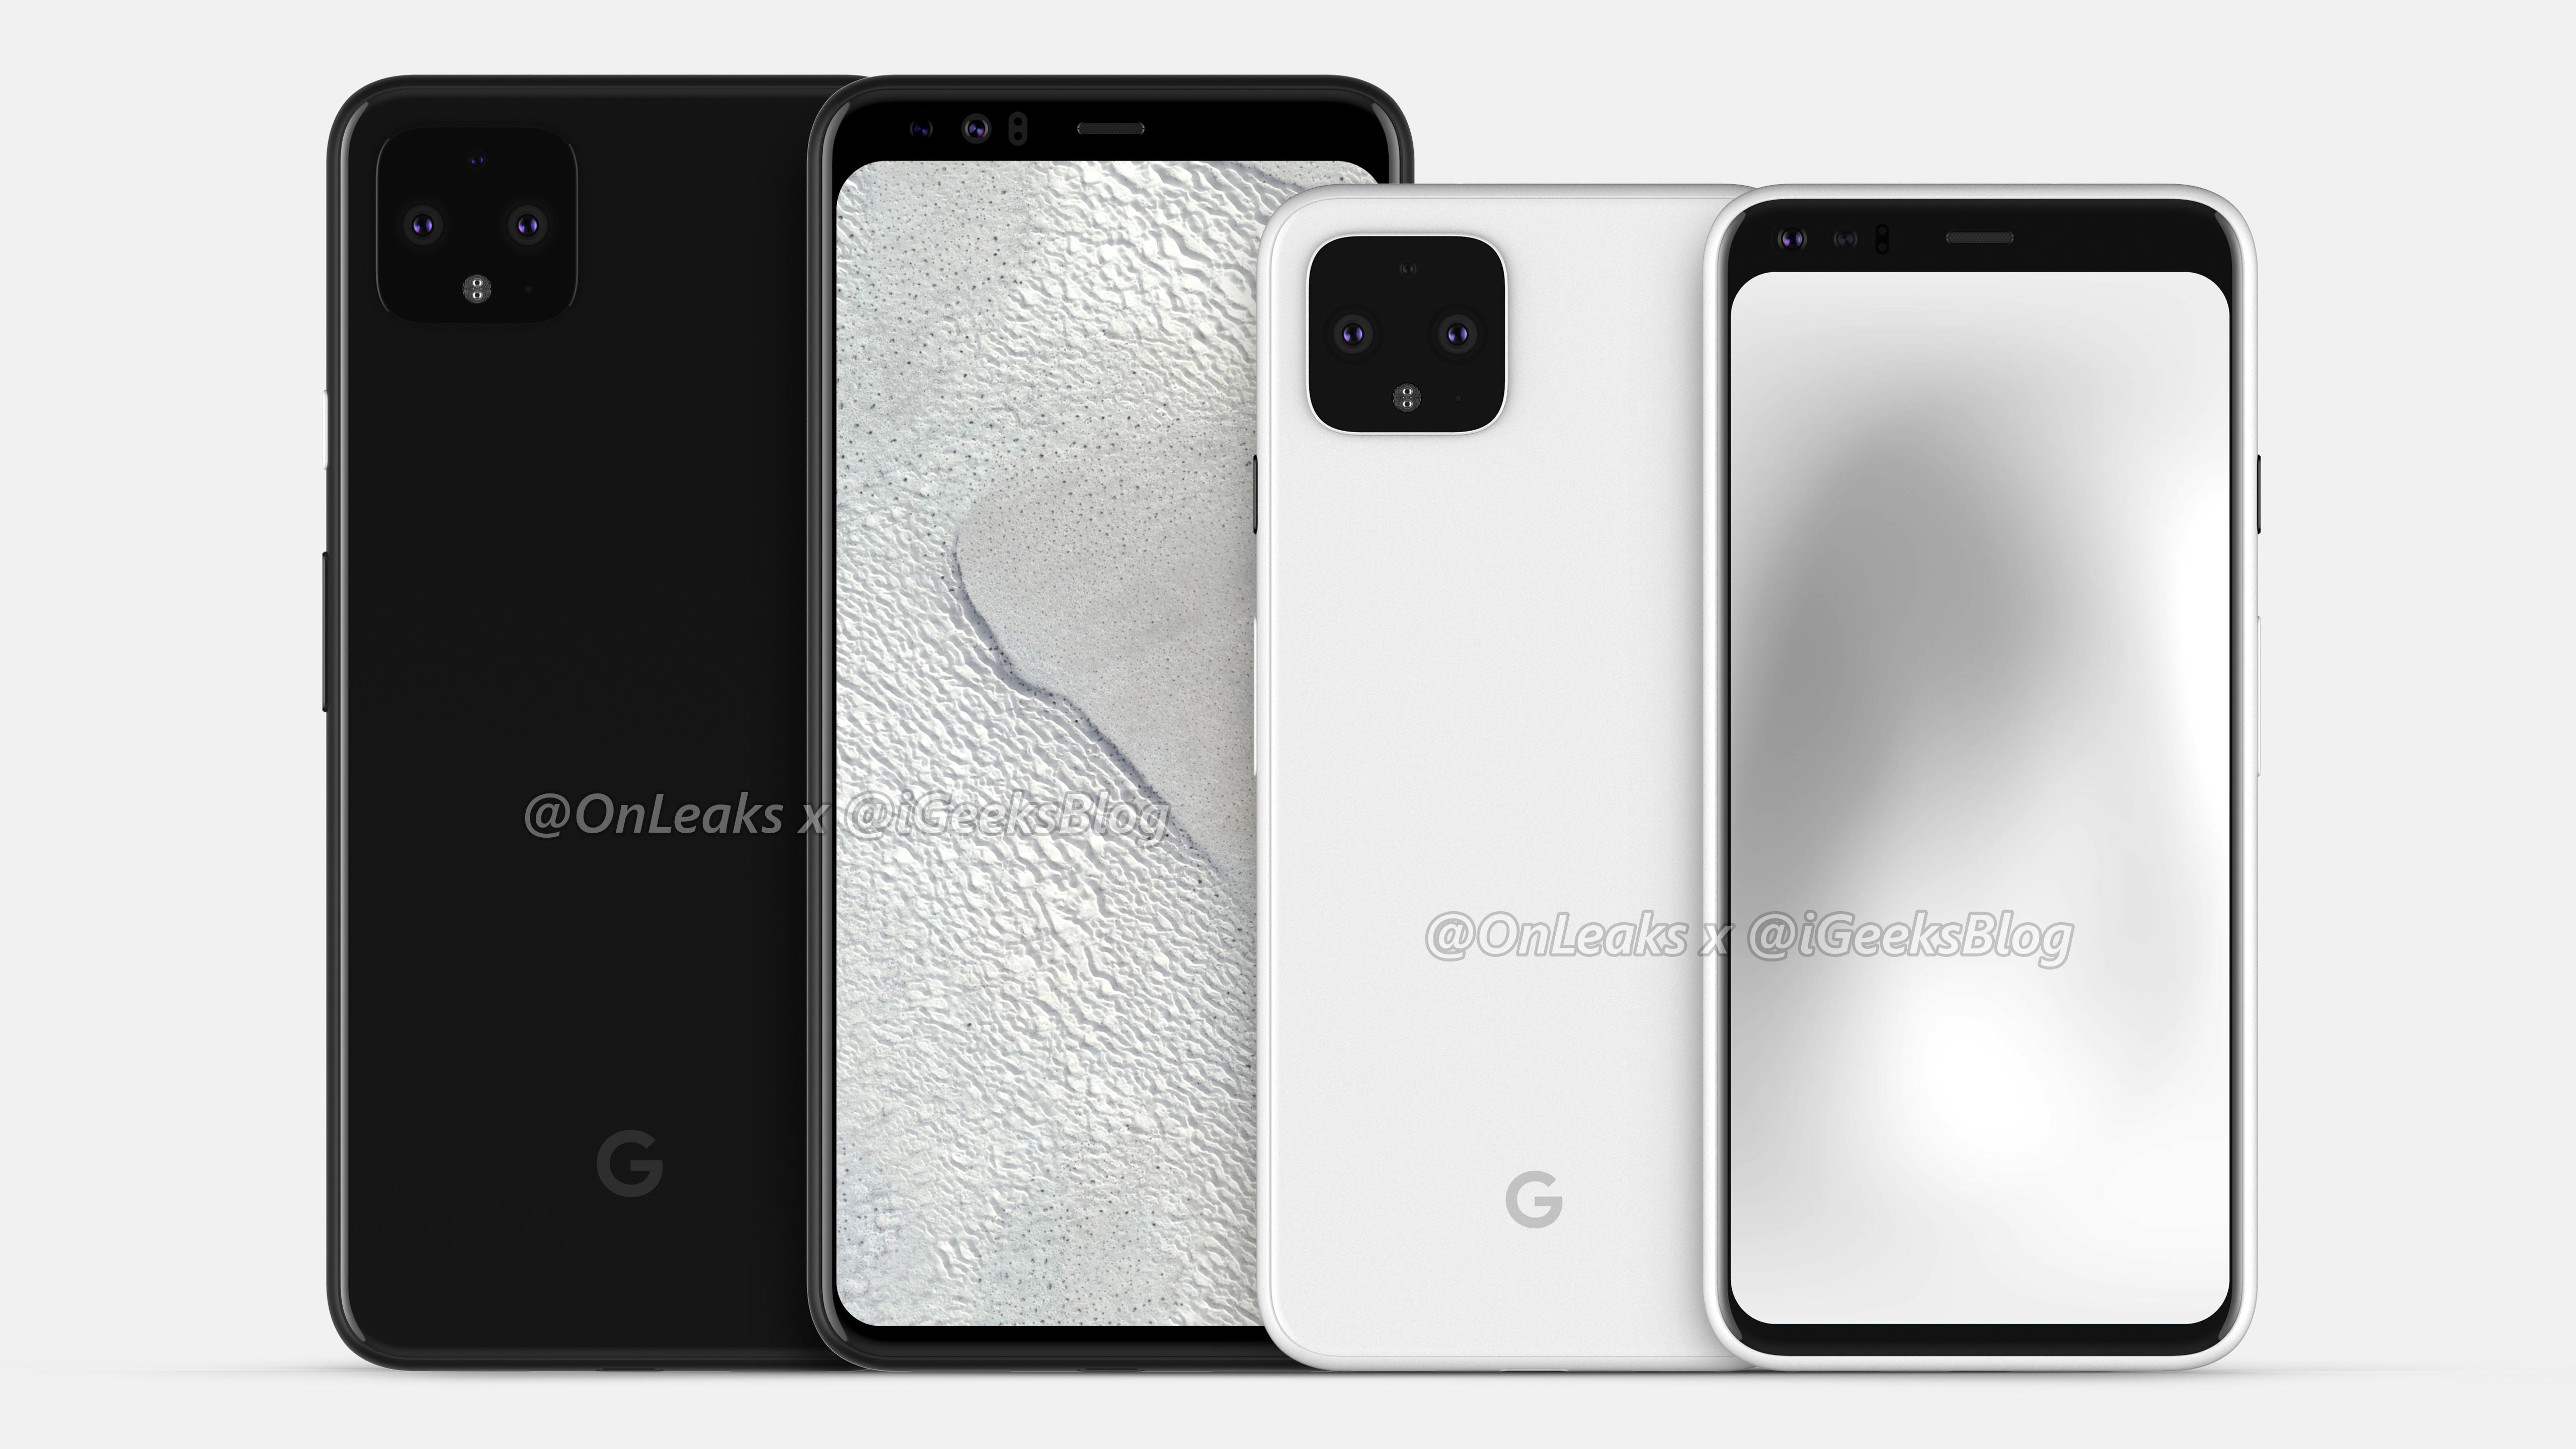 Google Pixel 4 ja Pixel 4 XL -mallinnos. Kuva: OnLeaks / iGeeksBlog.